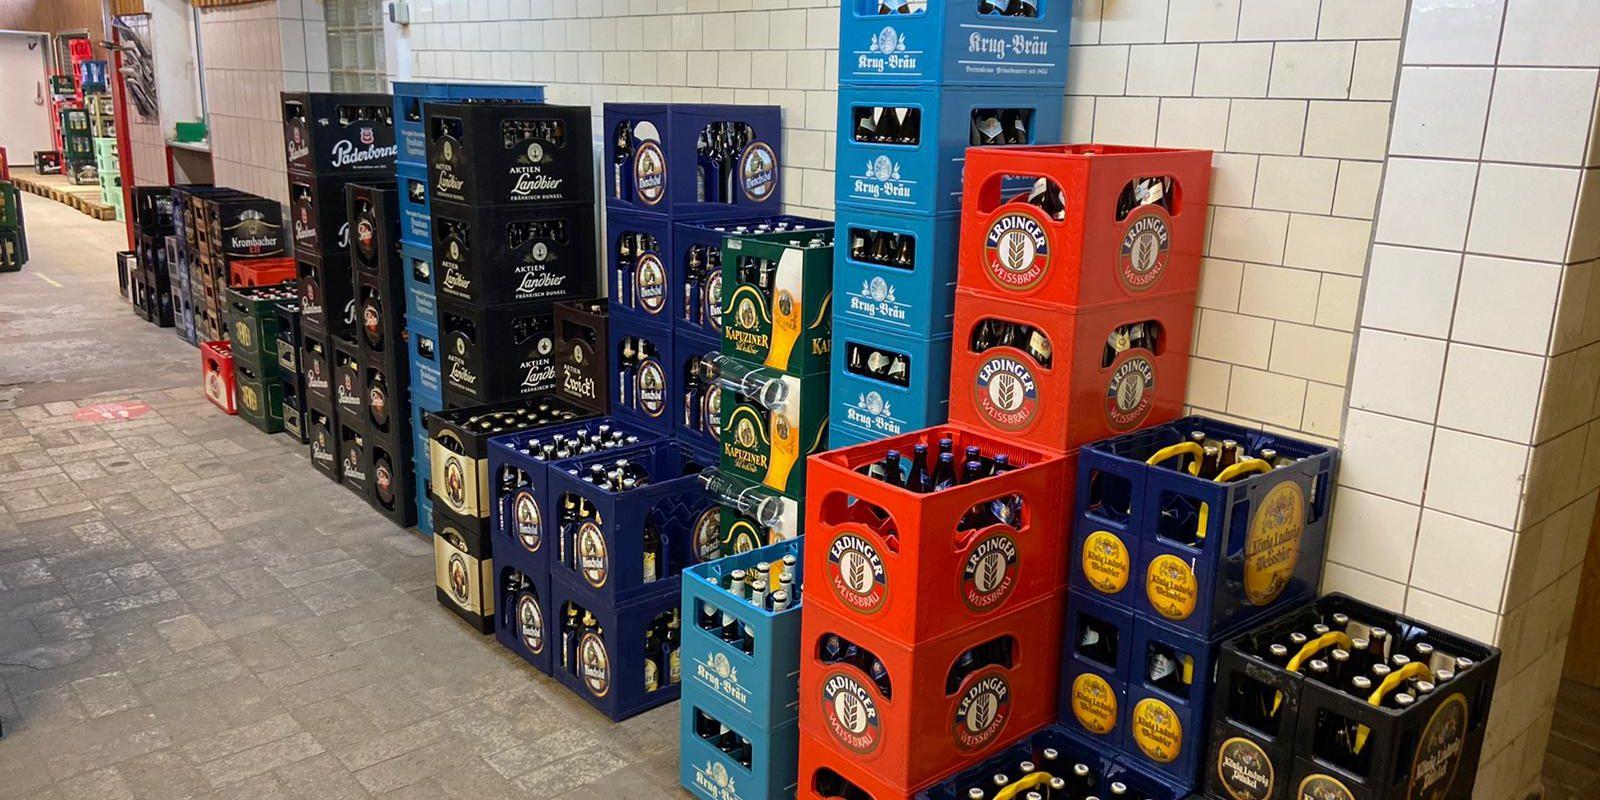 abholmarkt-viele-sorten-bier-getraenke-noelke.jpg